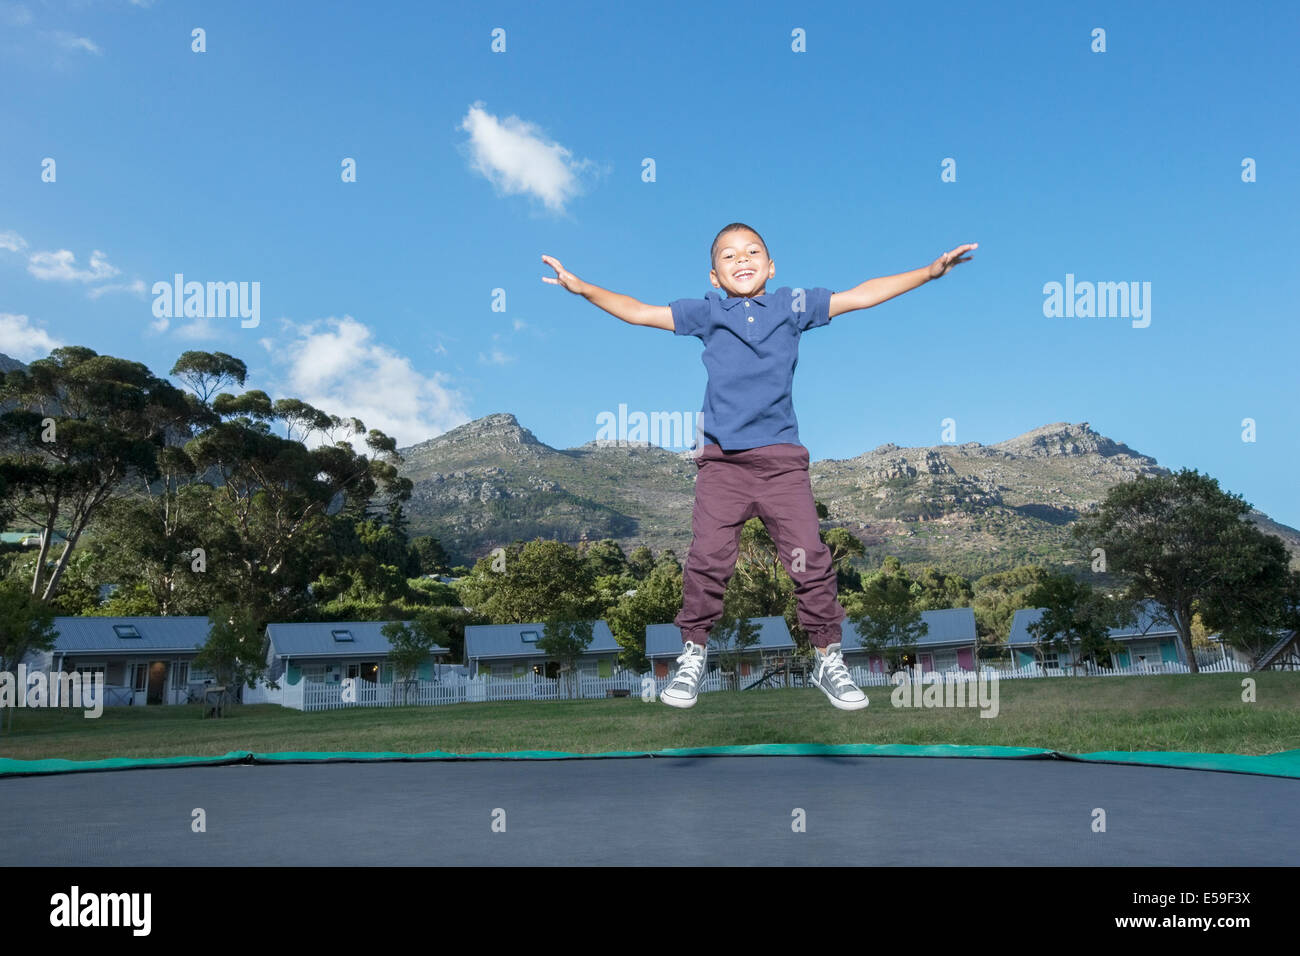 Garçon sautant sur le trampoline à l'extérieur Photo Stock